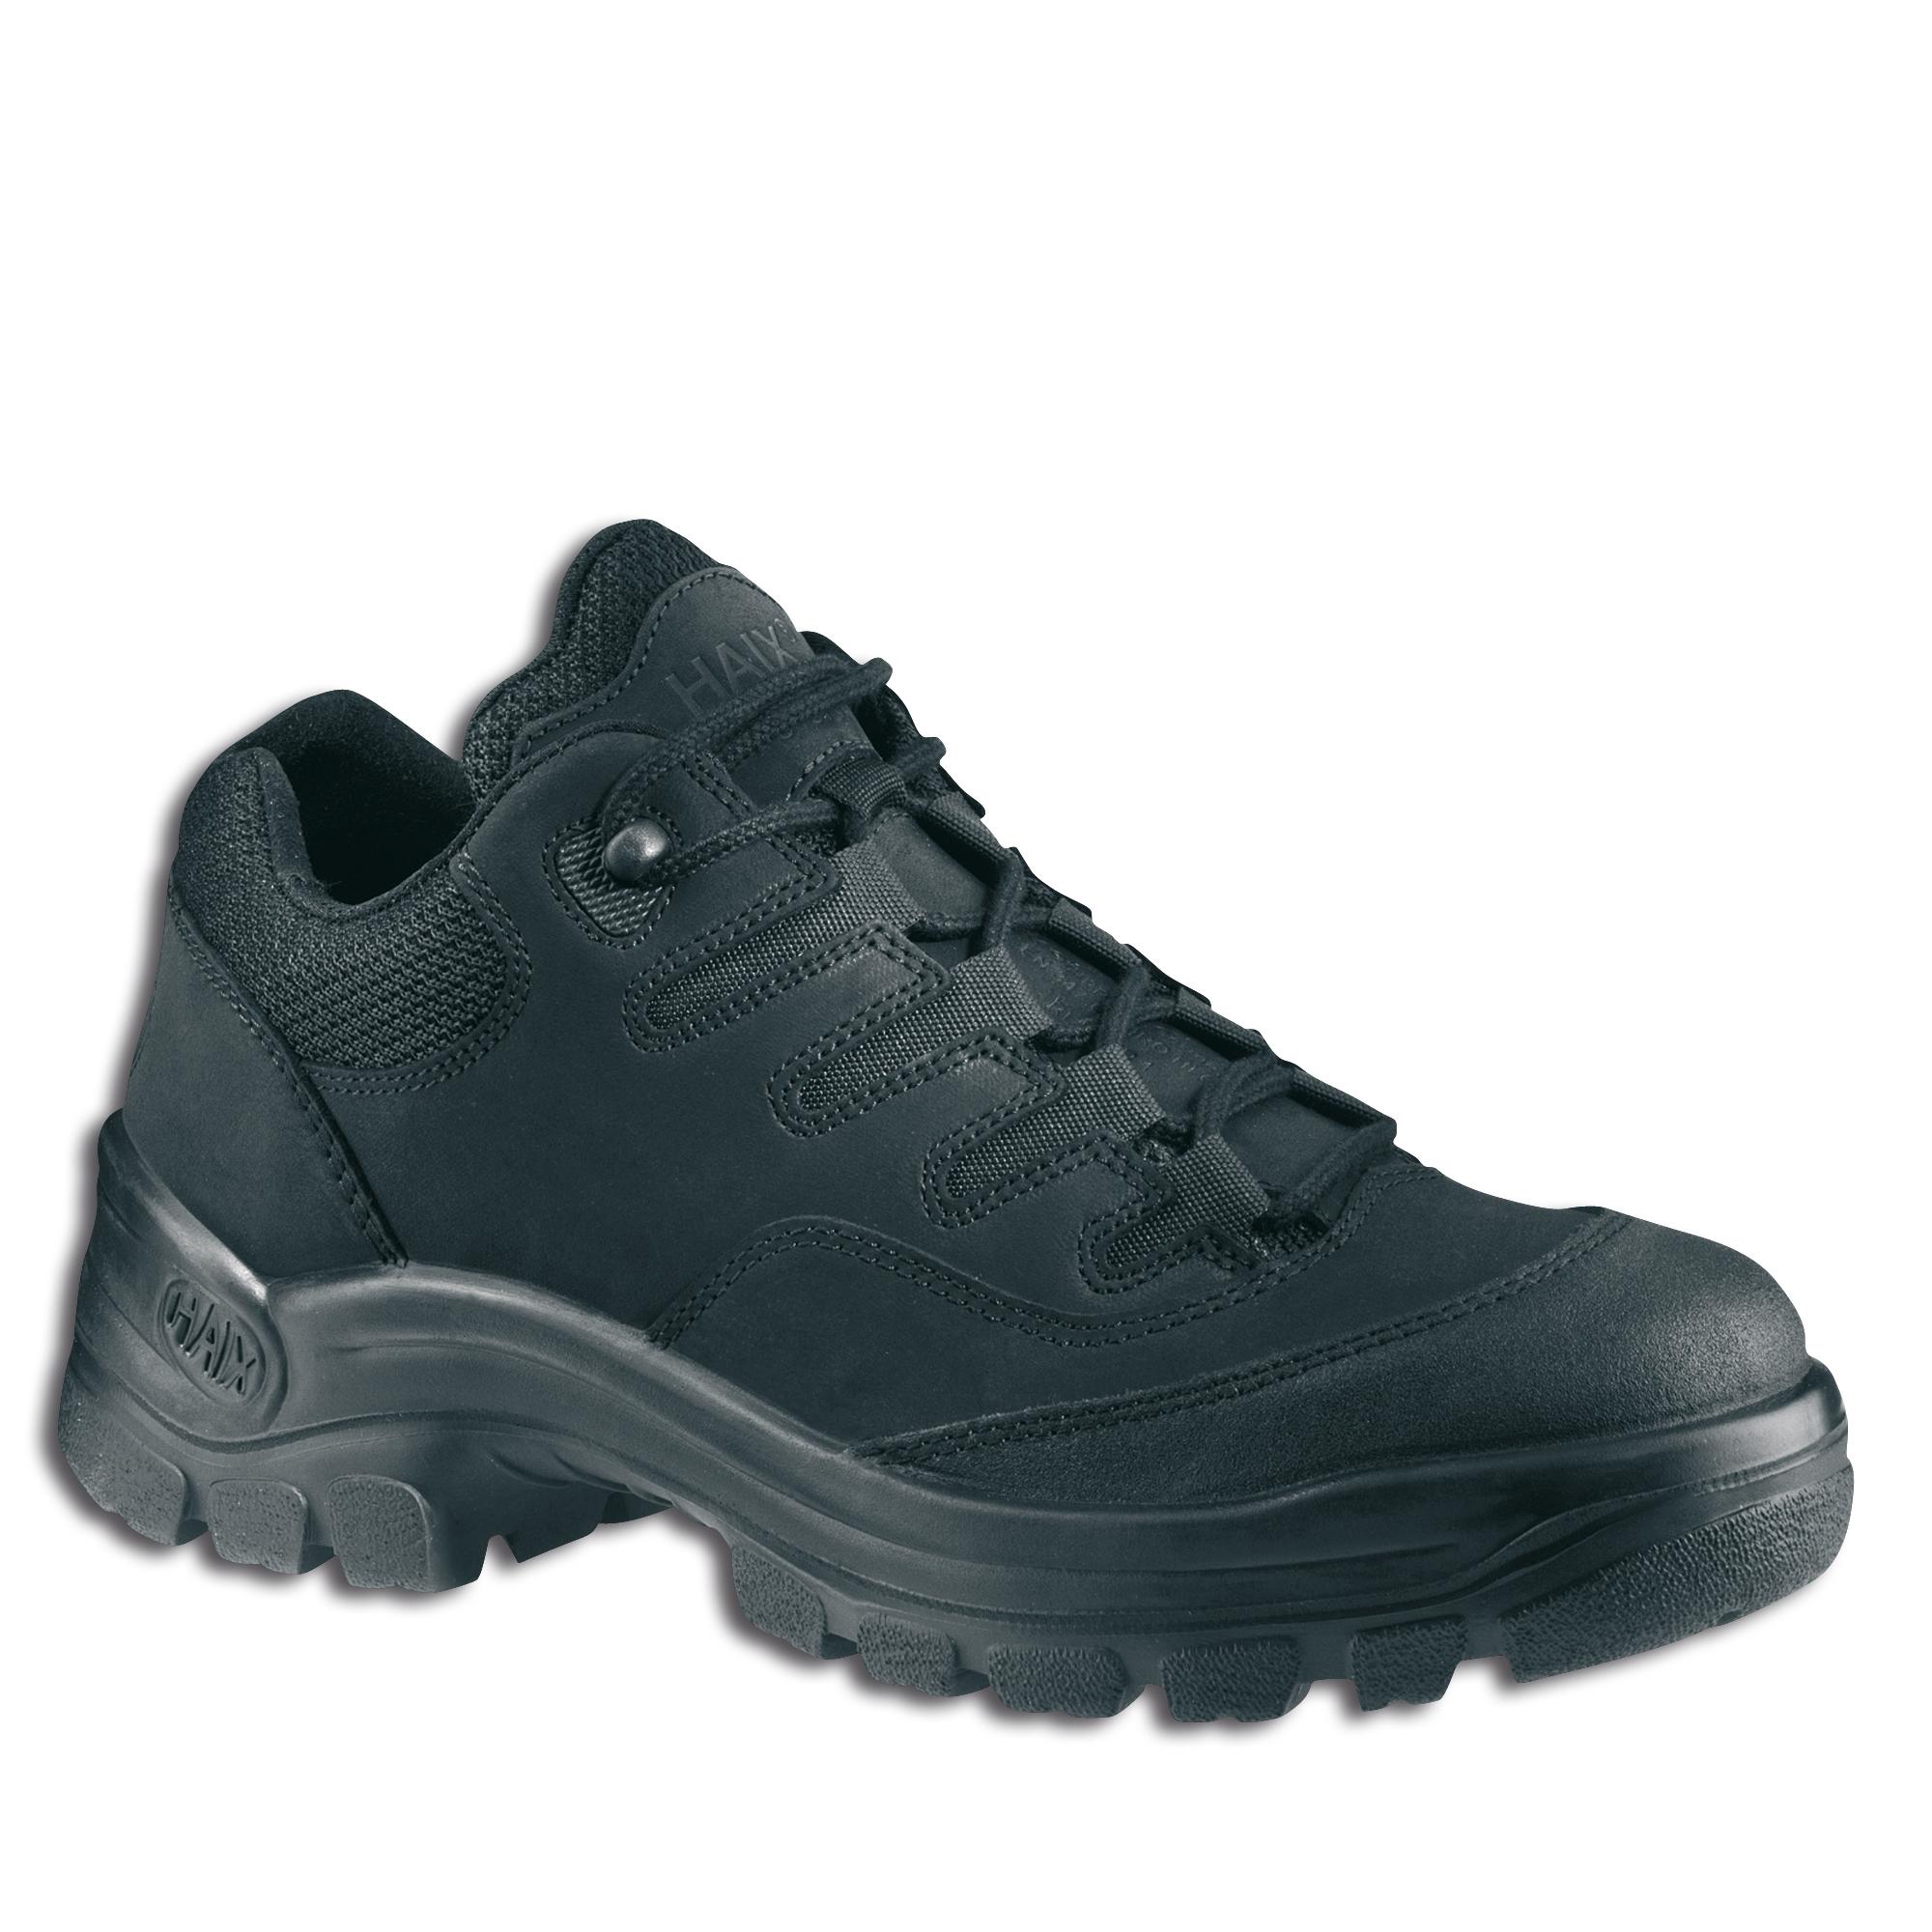 Boots Haix Runner 1 Low